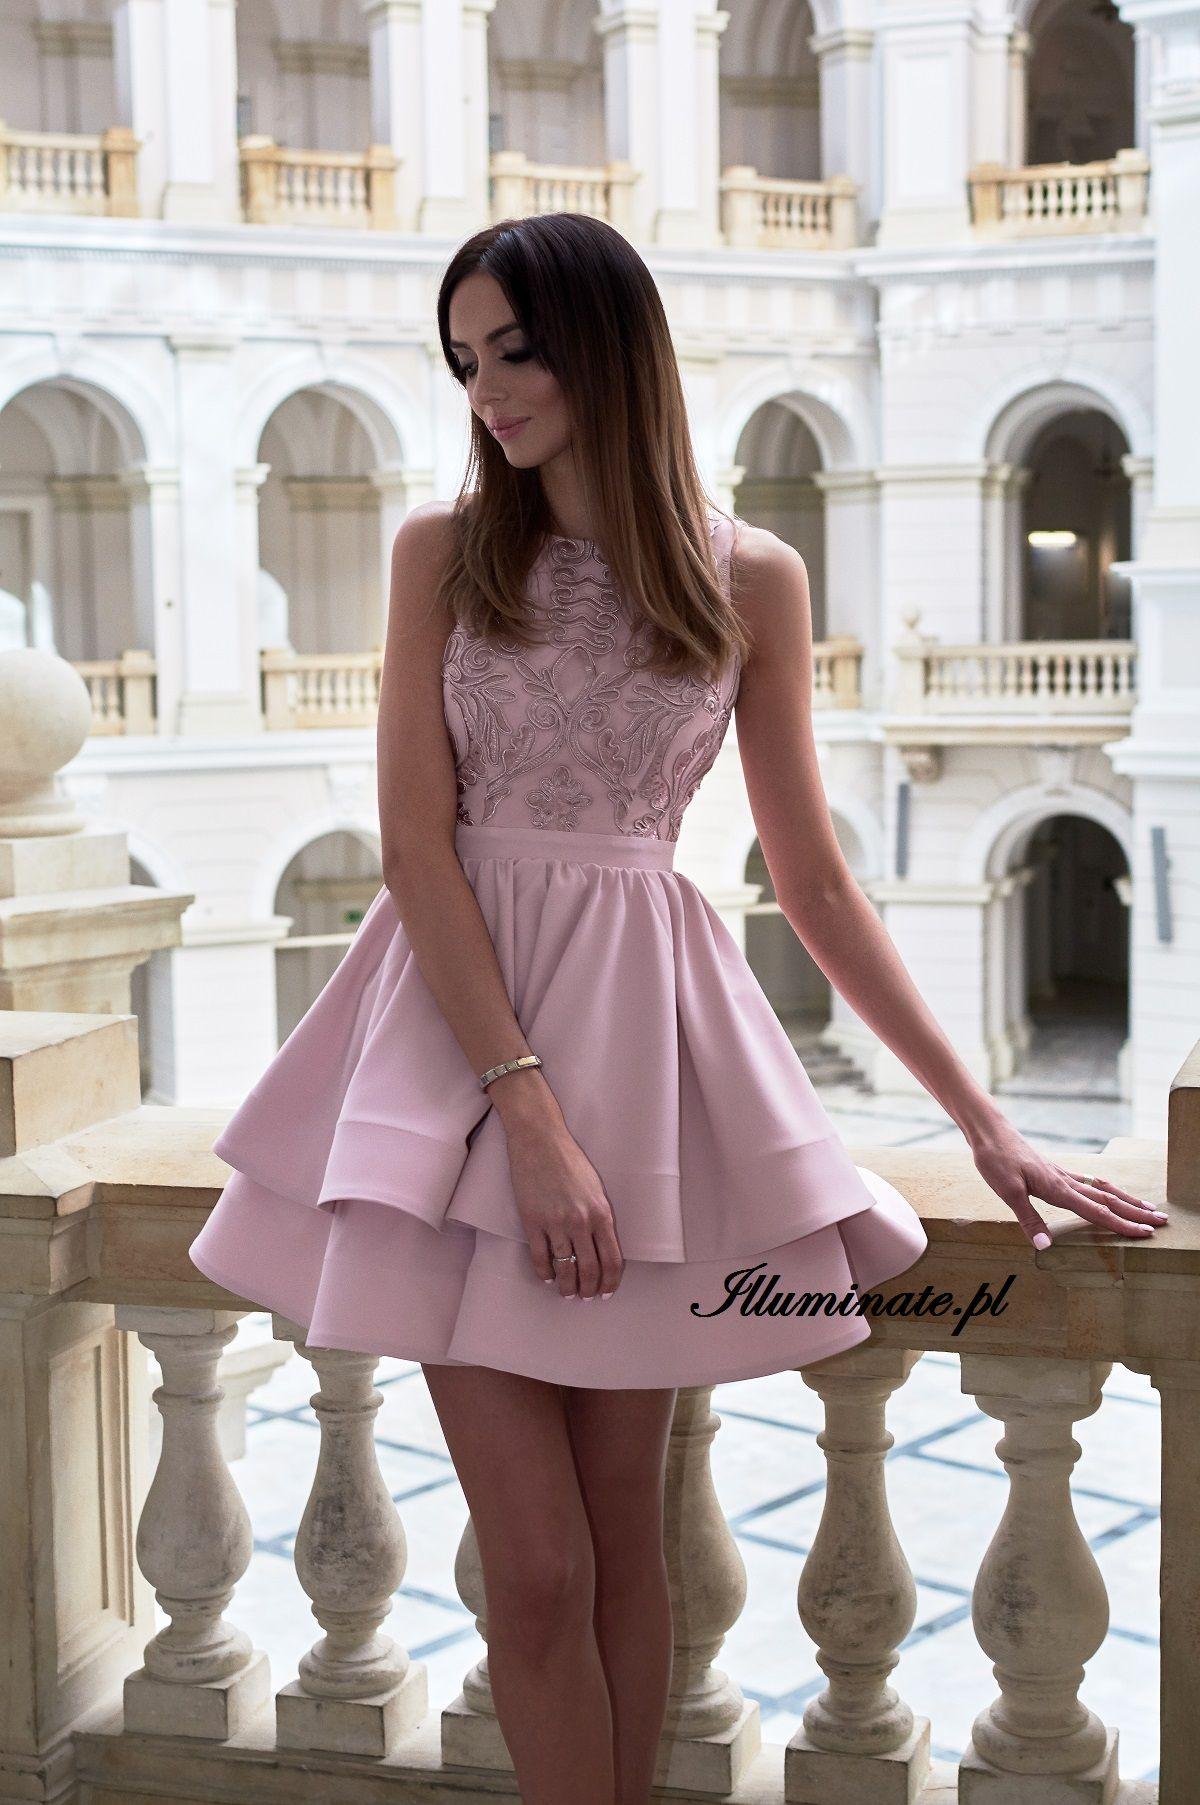 bc2c7eee29 Jasmin - pudrowo rozowa sukienka na wesele. Pastel pink dress  pastel  pink   dress  rozowa  sukienka  wesele  swiadkowa  poprawiny